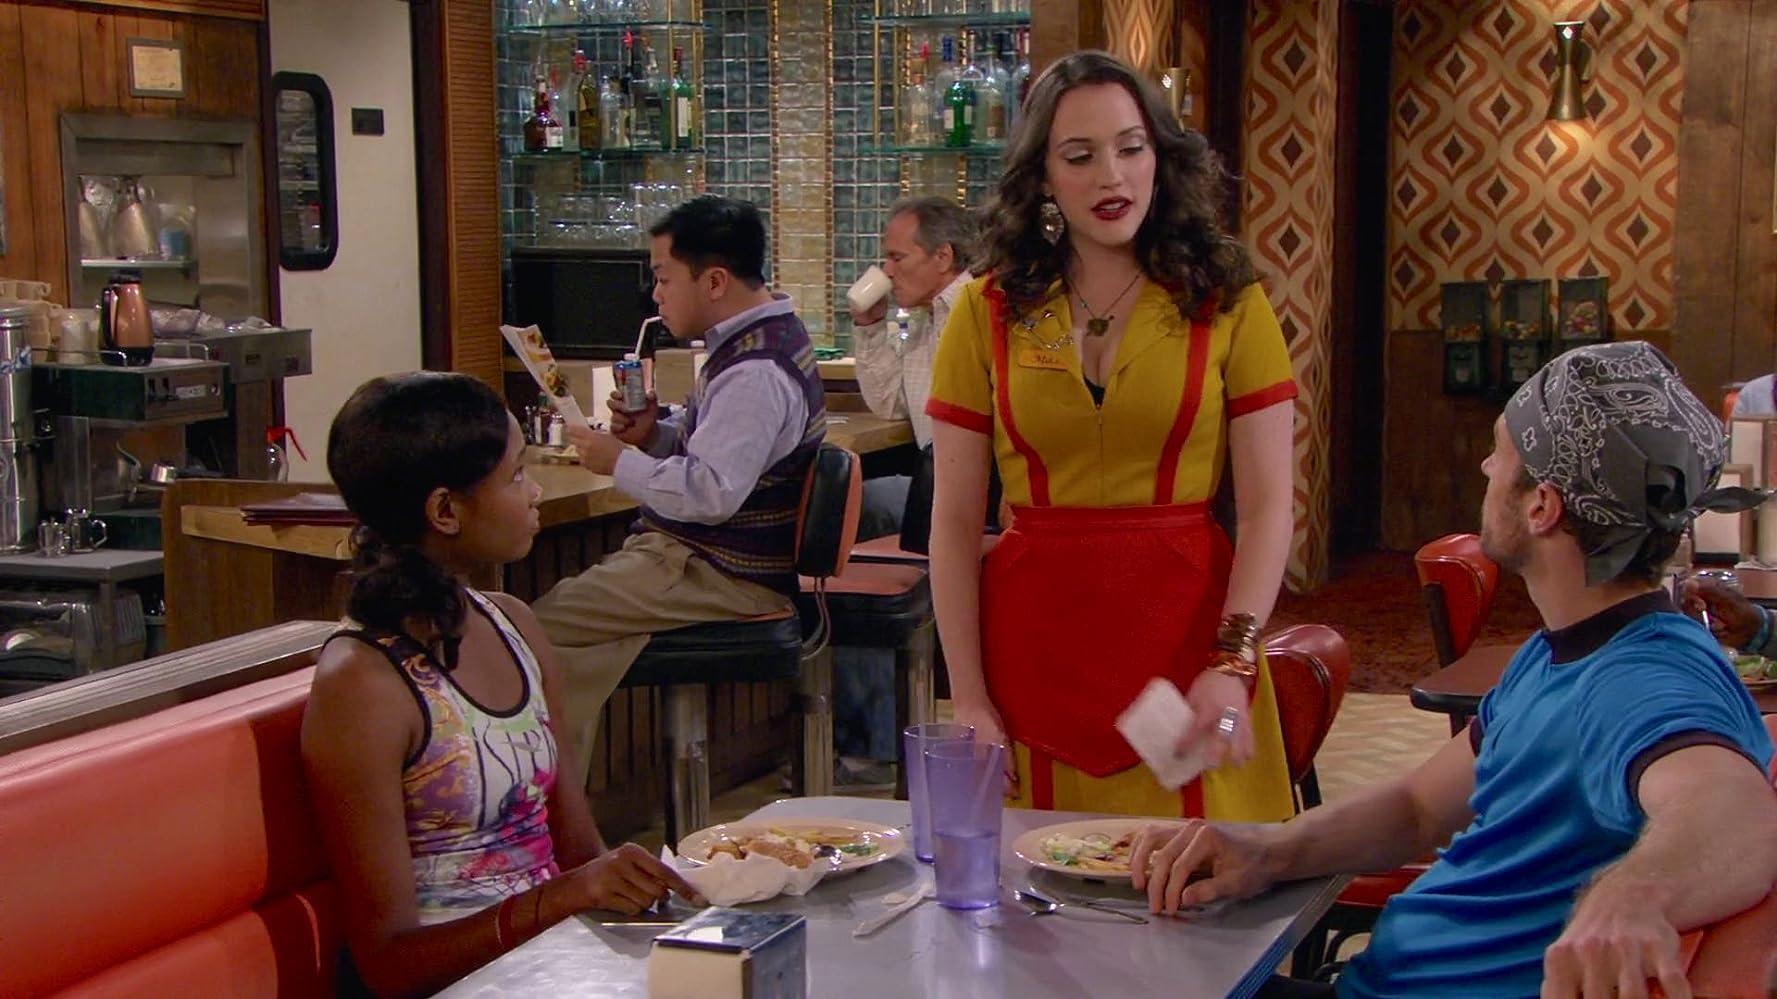 Kat Dennings, John Ruby, and Ajarae Coleman in 2 Broke Girls (2011)